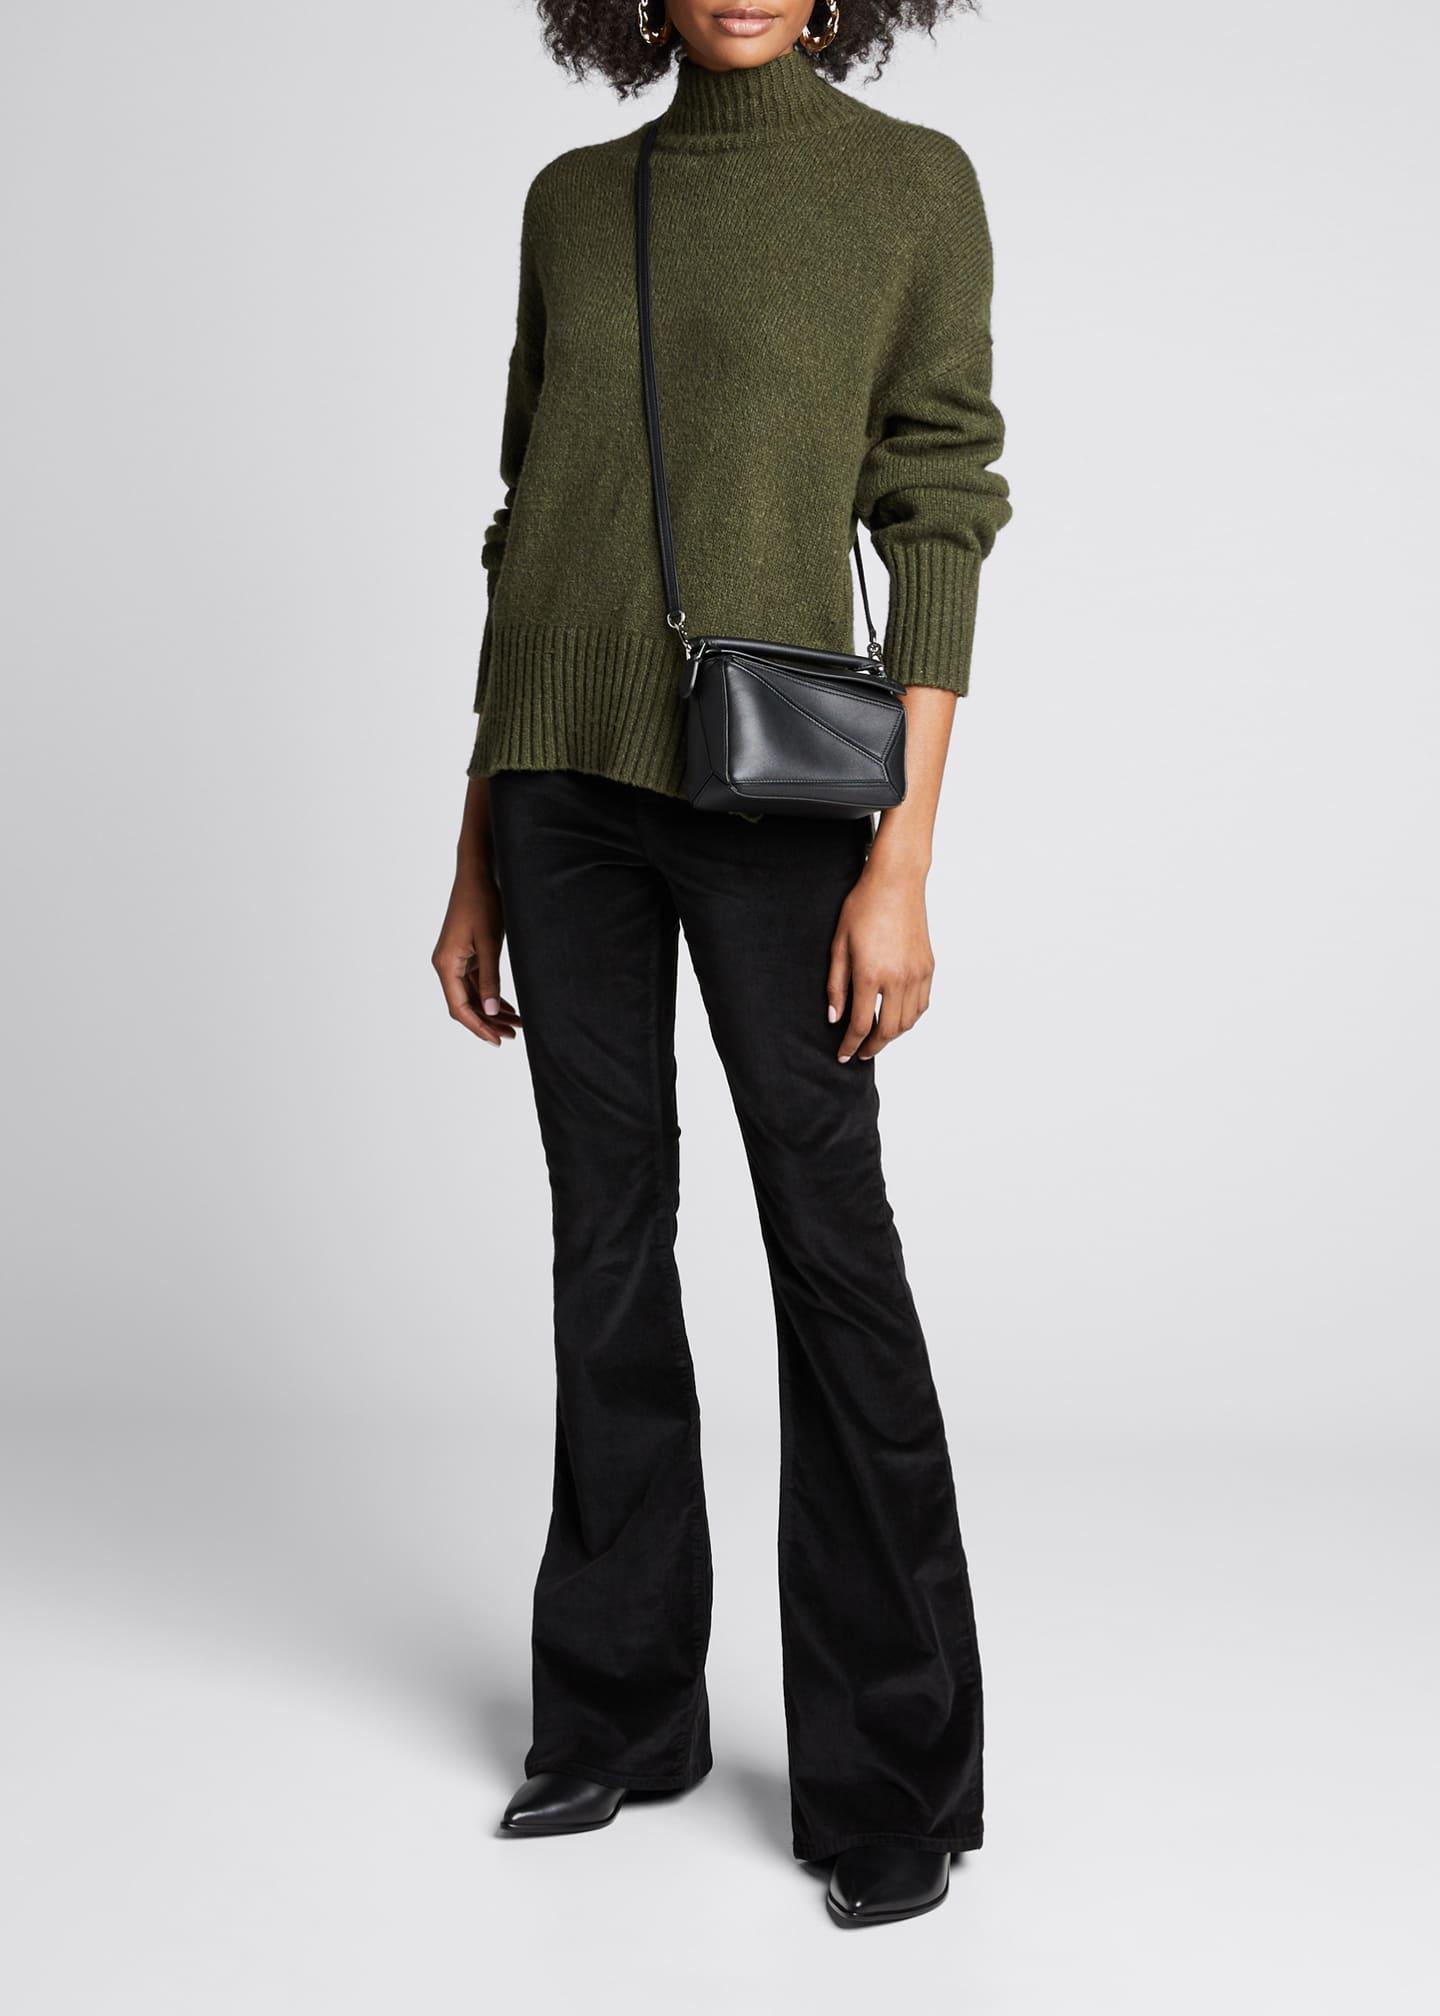 FRAME Side-Slit Turtleneck Sweater